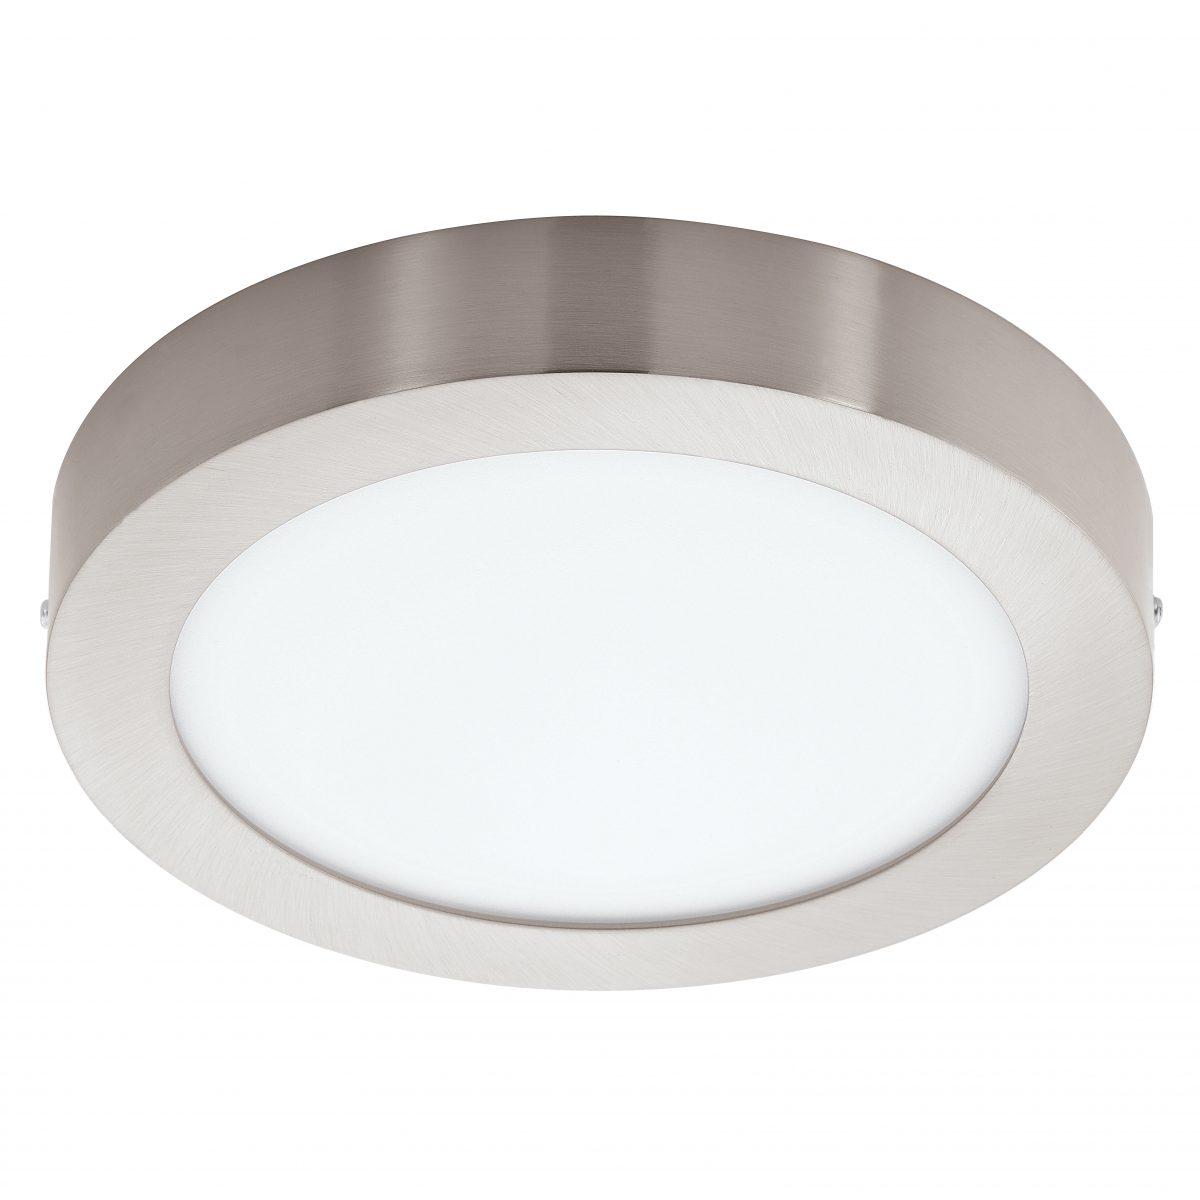 Светильник настенно-потолочный FUEVA 1 EGLO 32442 - Фото №28